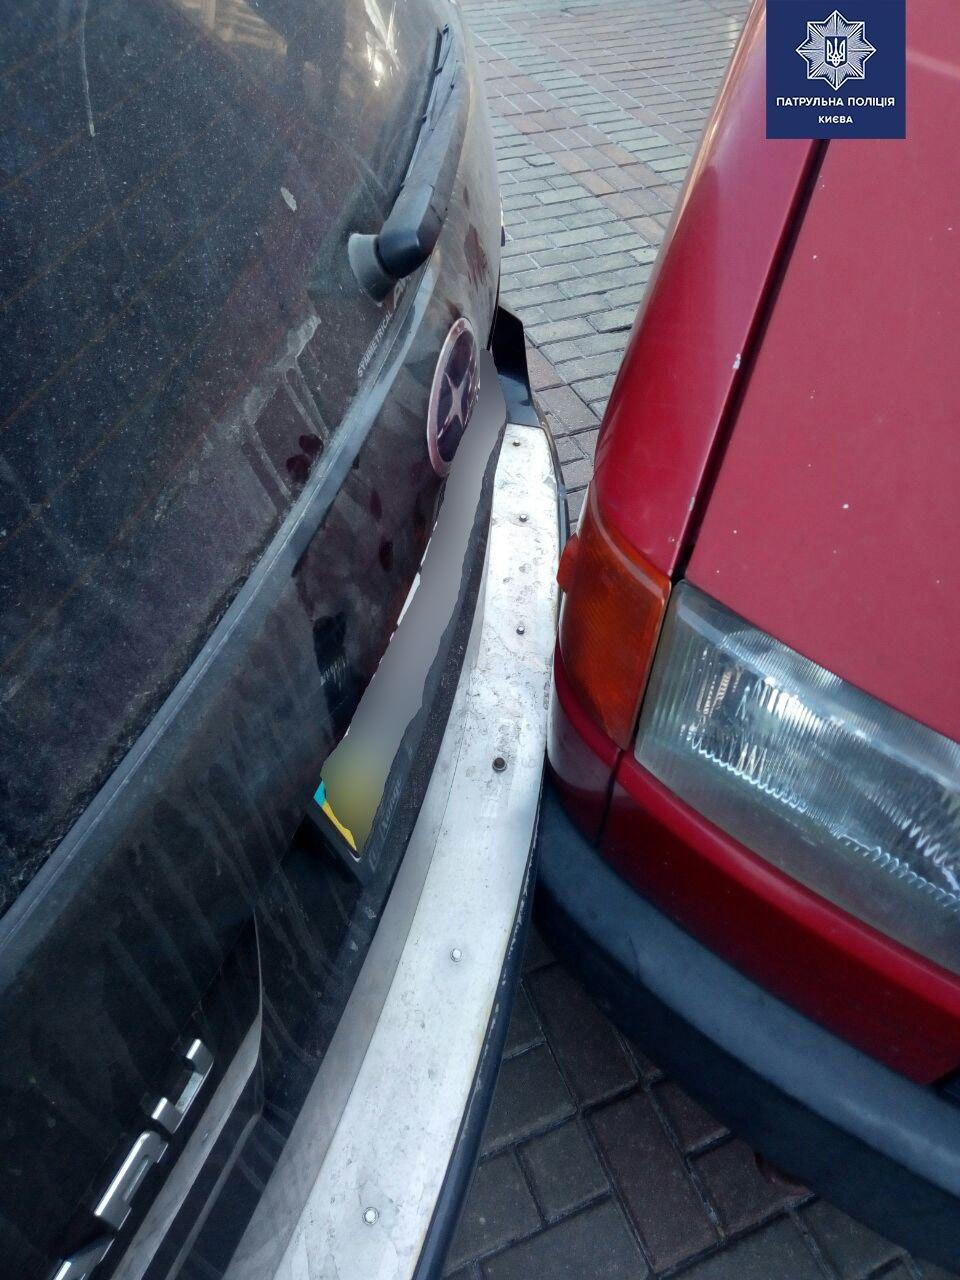 В Киеве пьяный водитель разгромил три автомобиля